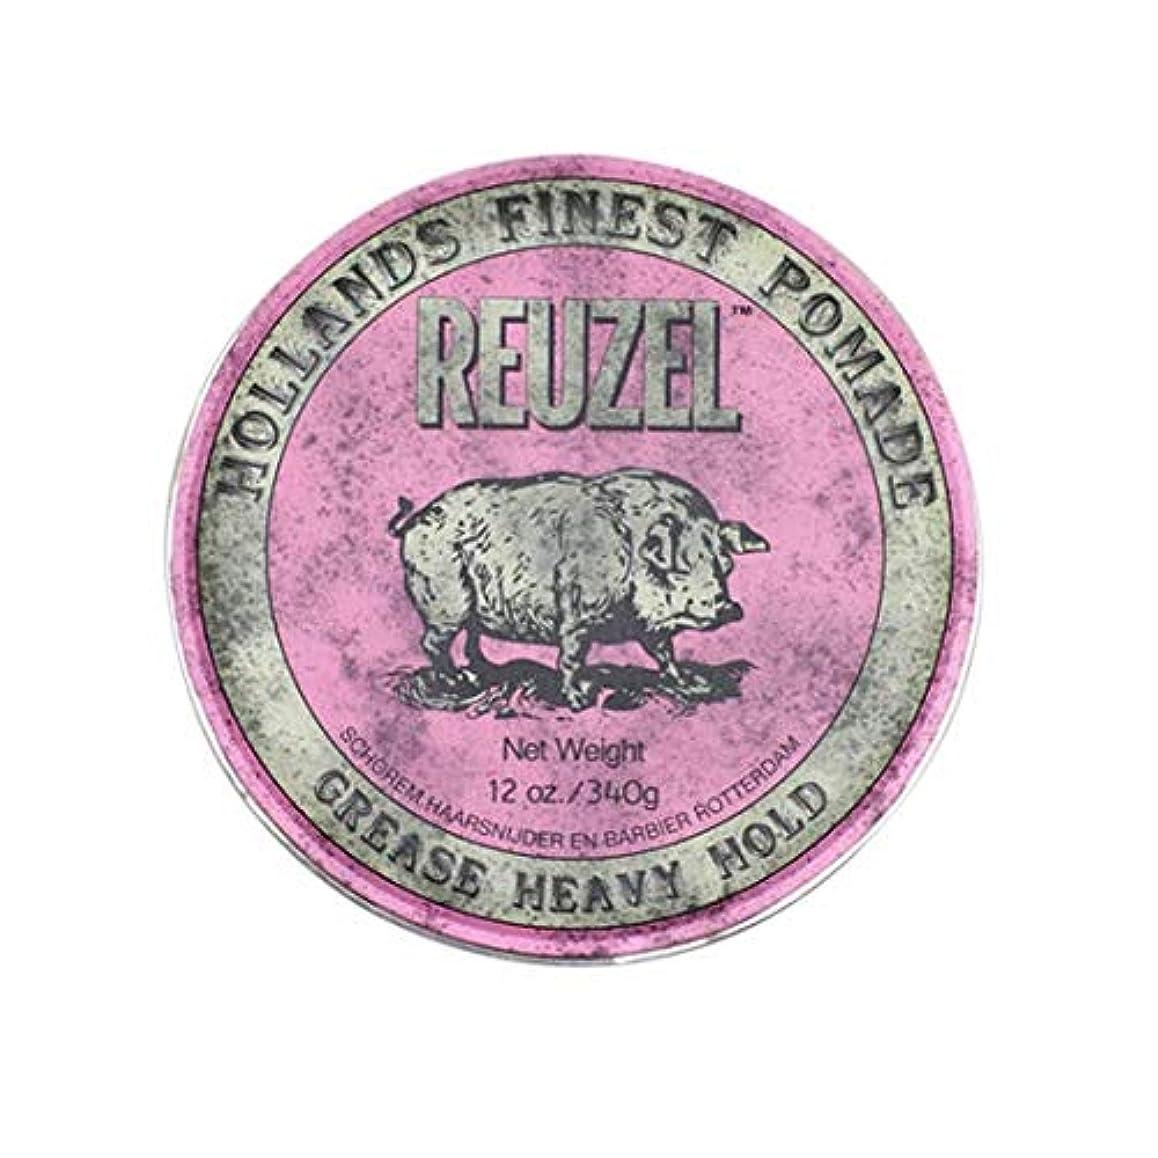 療法幾分石膏ルーゾー(REUZEL) ヘビーホールド ピンク MIDIUM SHINE 340g